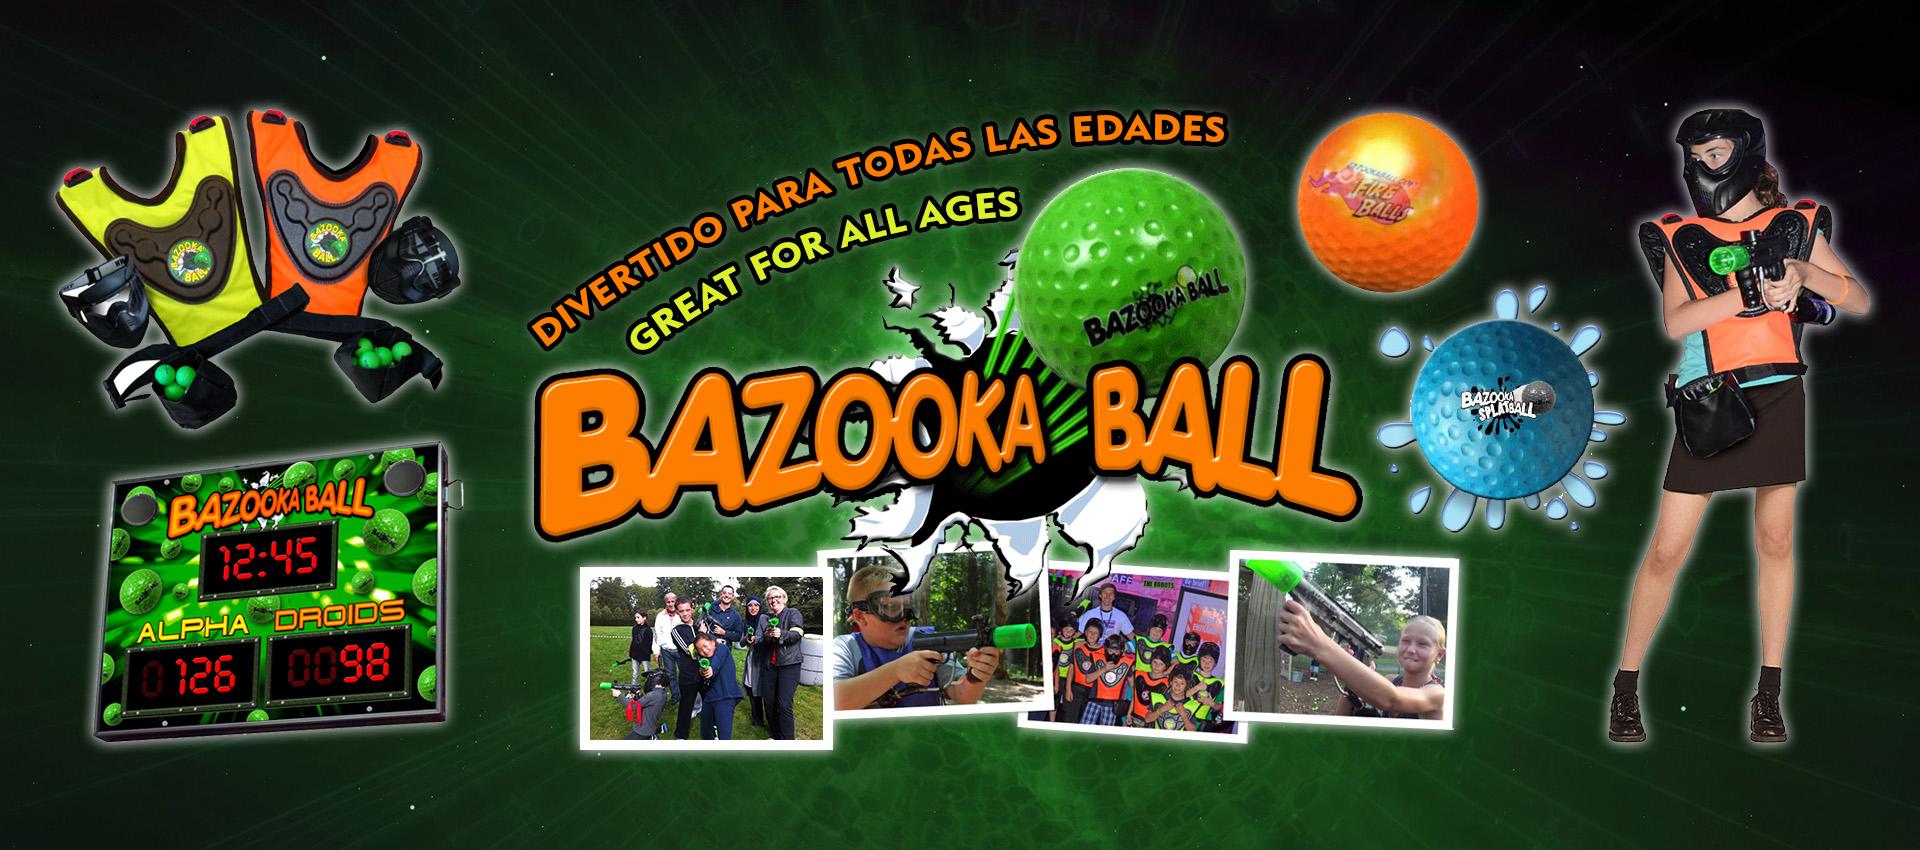 Bazooka Ball: Divertido para todas las edades